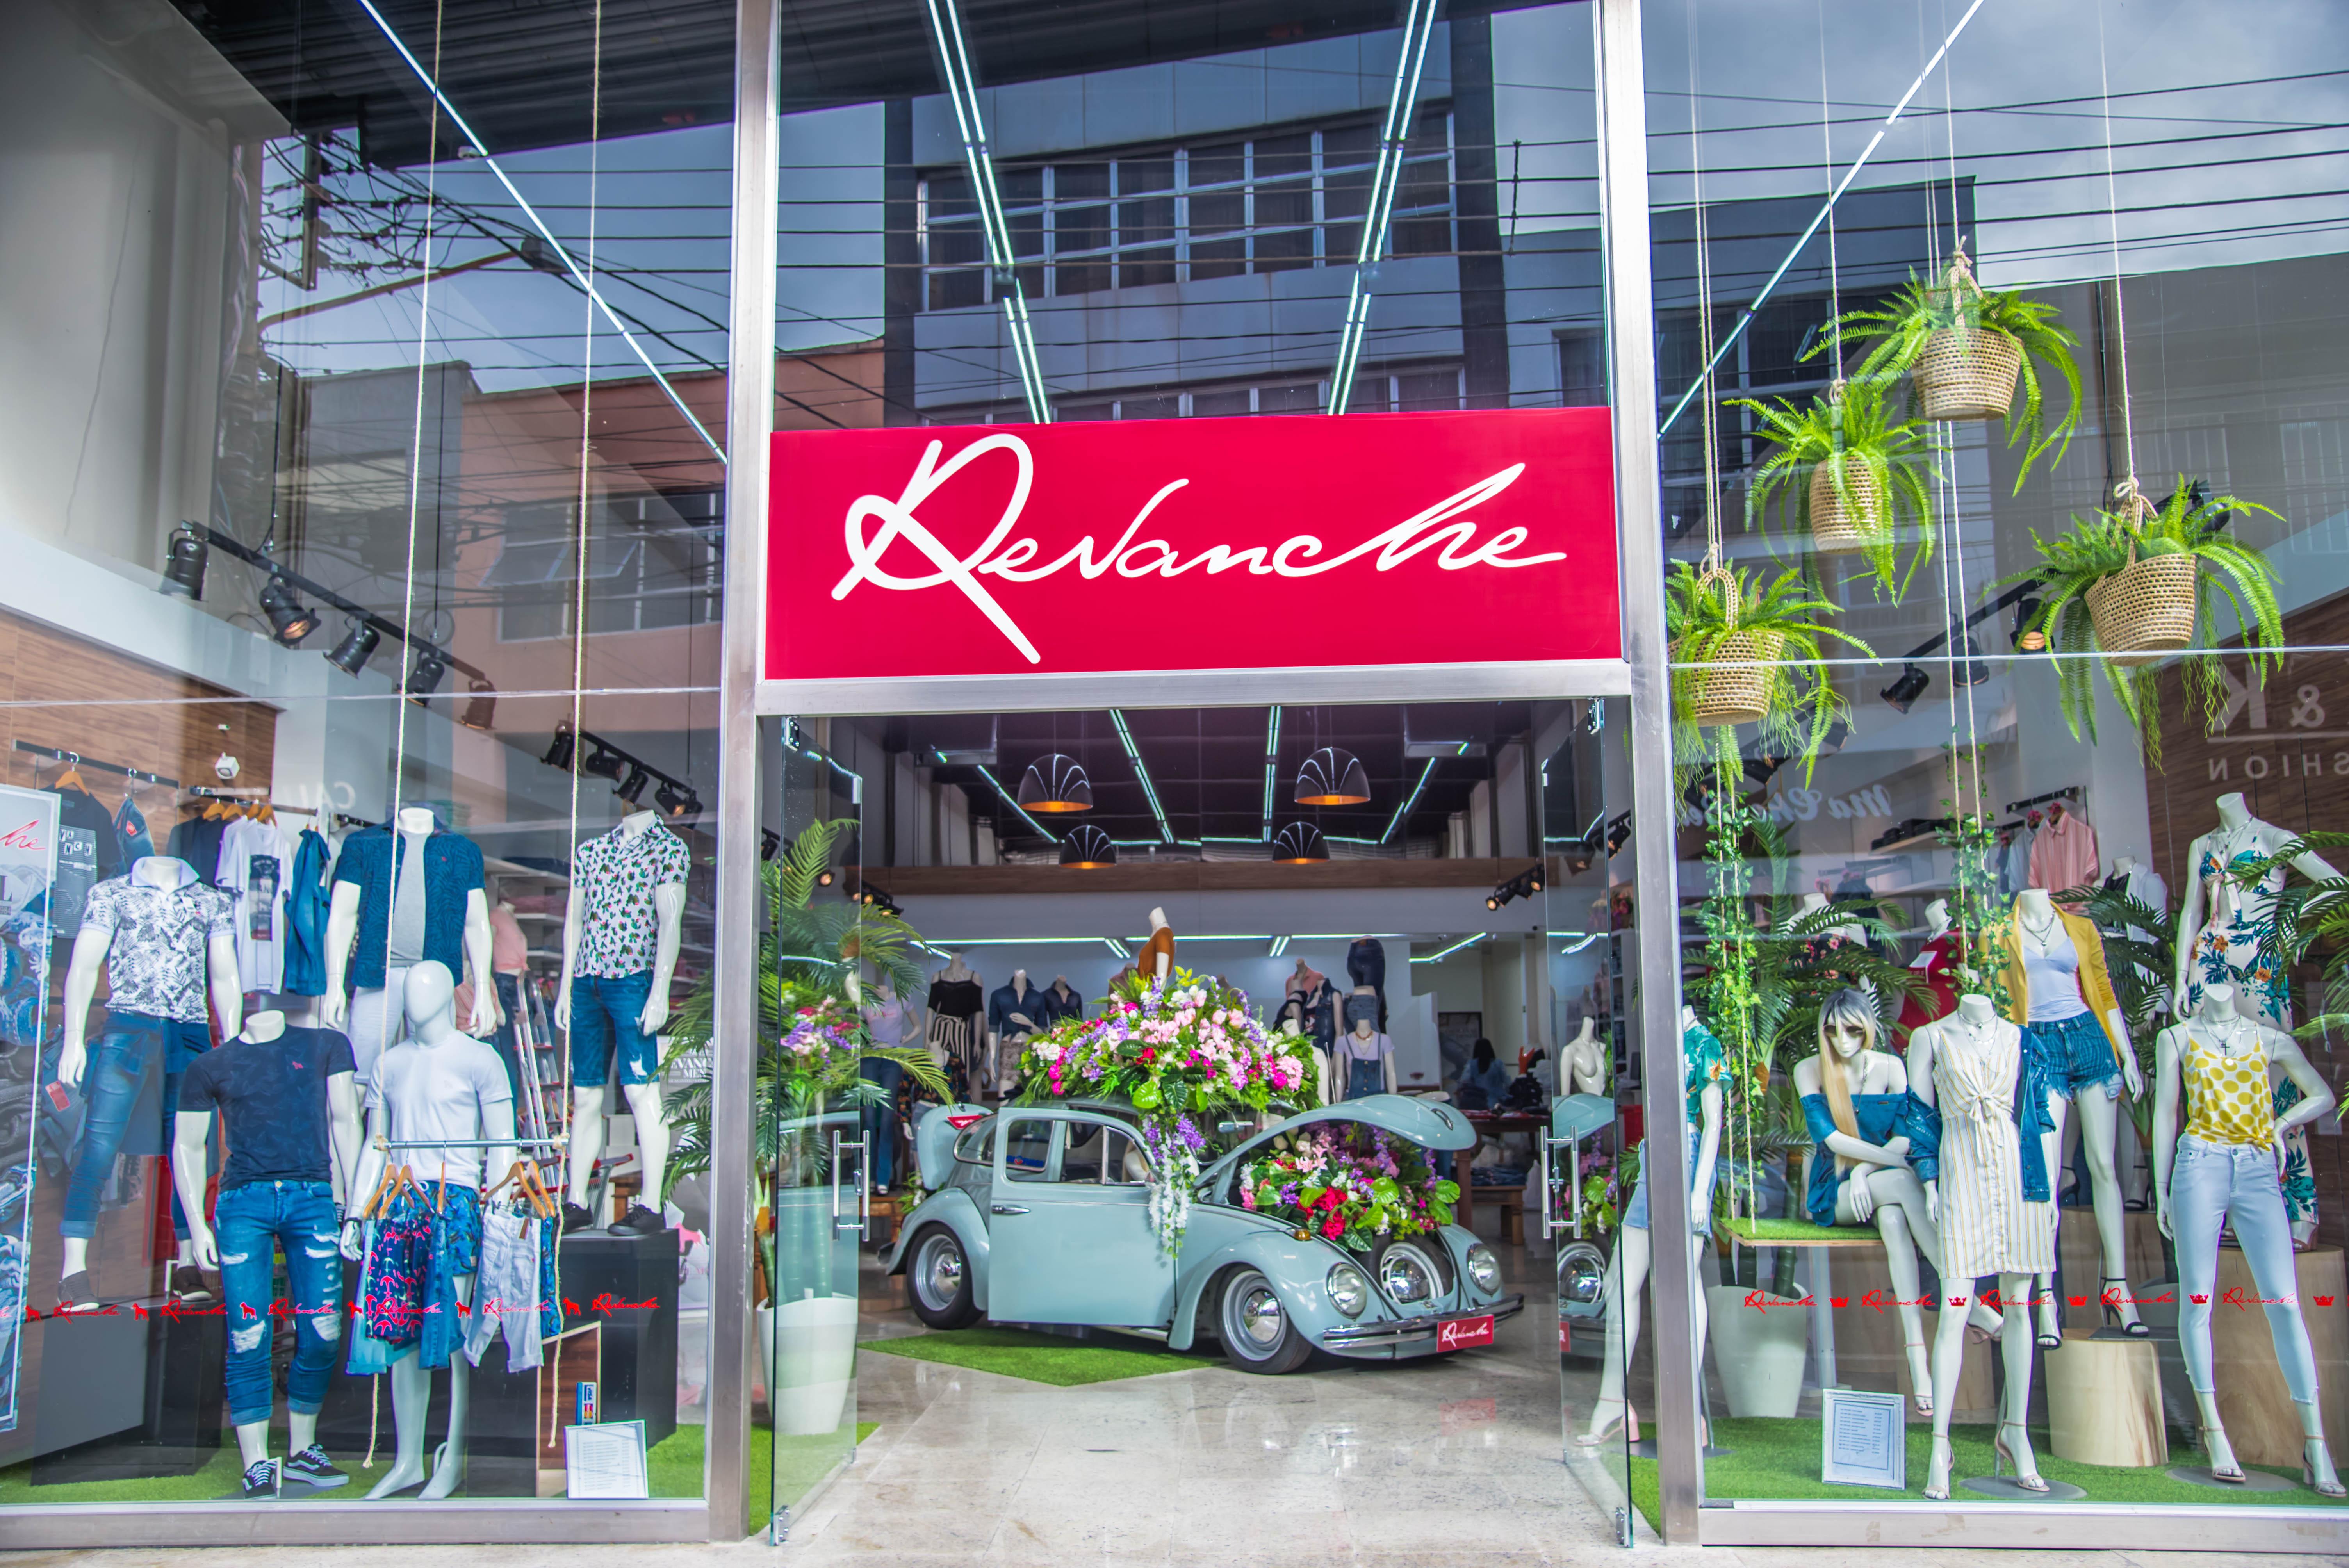 f0c84650de55ab Revanche Jeans reinaugura loja no Brás, em novo endereço | Blog ...